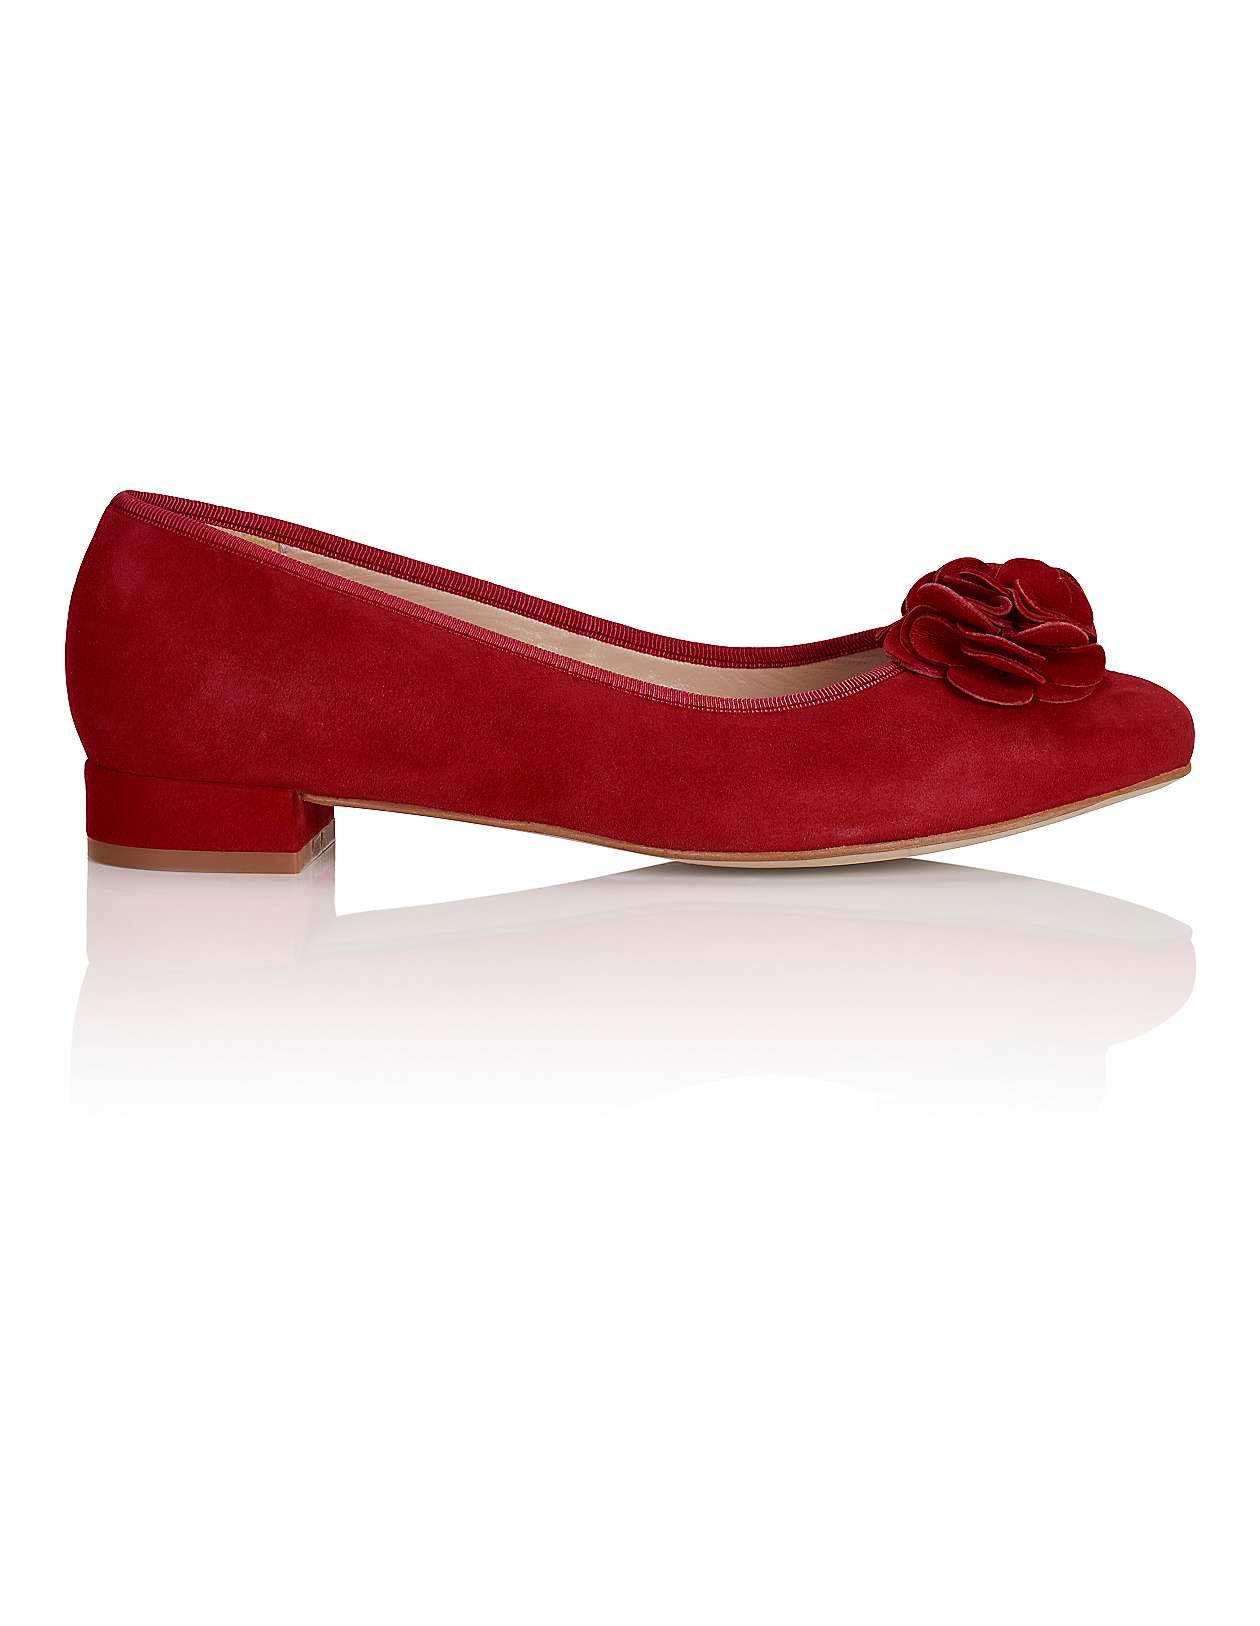 Details zu Pumps Stilettos El Dantes Echtleder Stiefeletten Stiefel Pumps rot + Gürtel 41